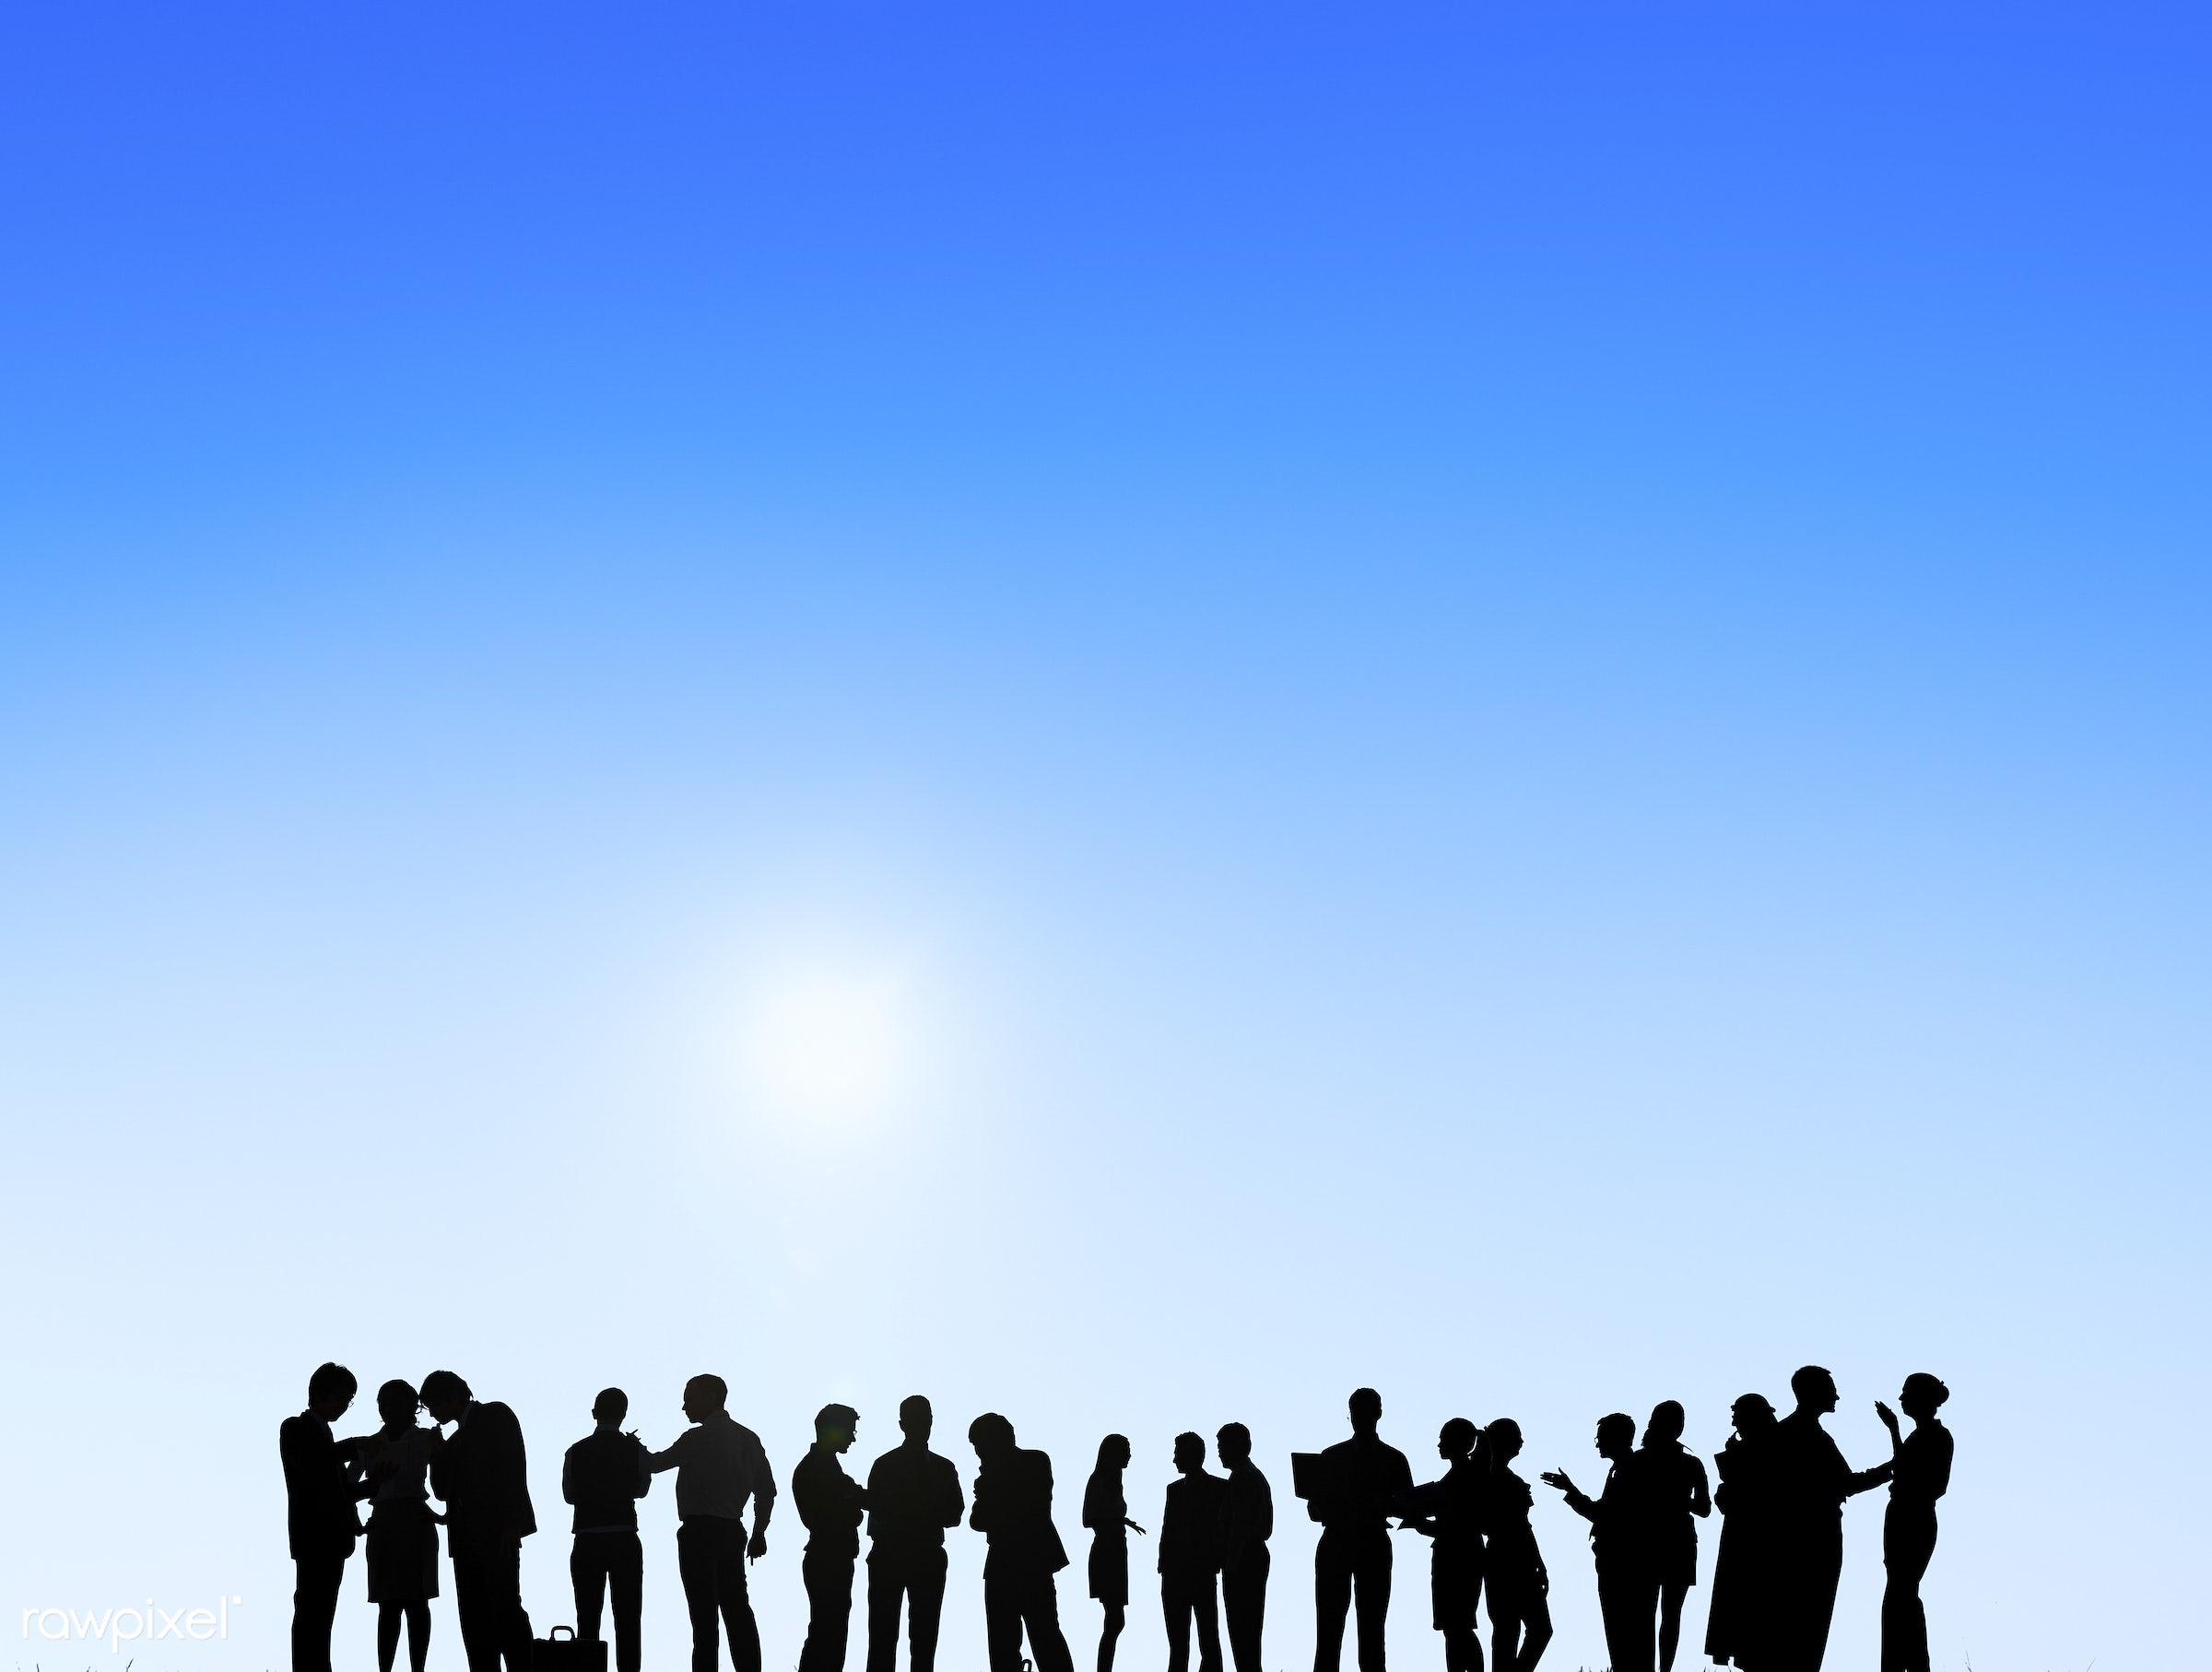 achievement, aspiration, business, business people, businessmen, businesswomen, collaboration, corporate, employee, green...